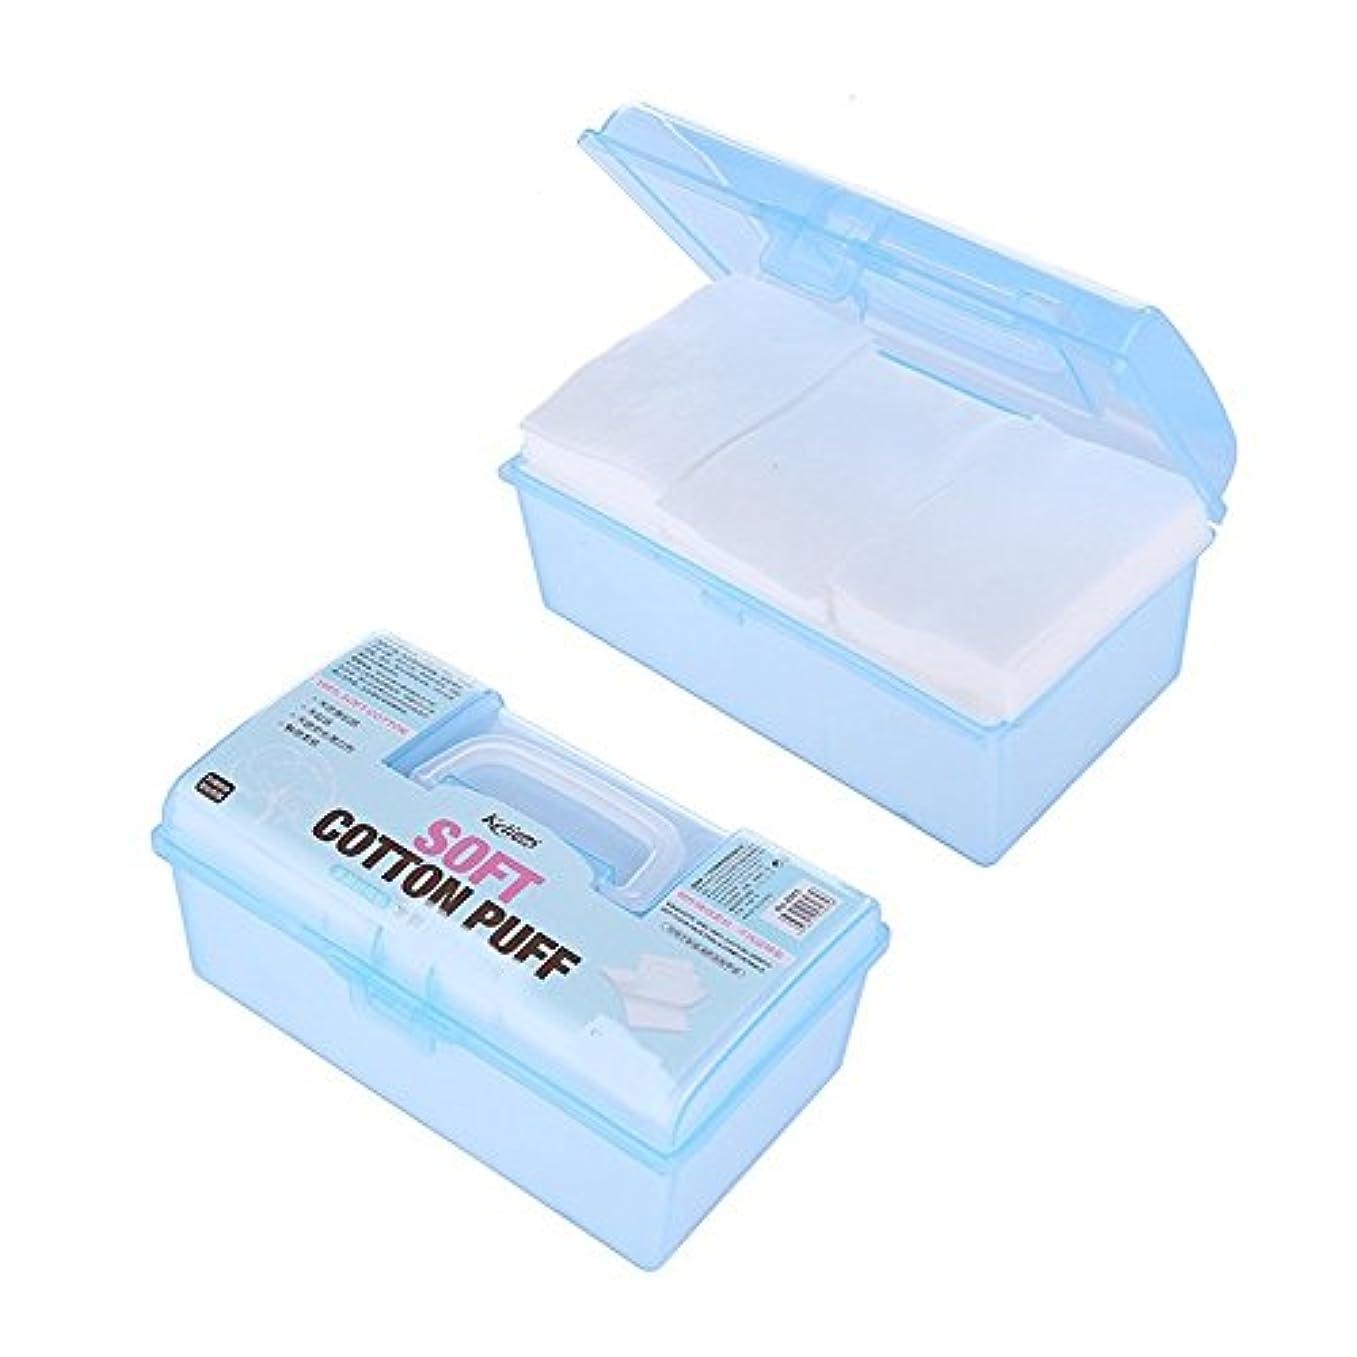 文字病院ジムAorunji 柔らかい オーガニックコットンコスメティックパッド高品質リントフリーフェイシャルメイクリムーバークリーニングコットンベストトラベル(Appr.500pcs)